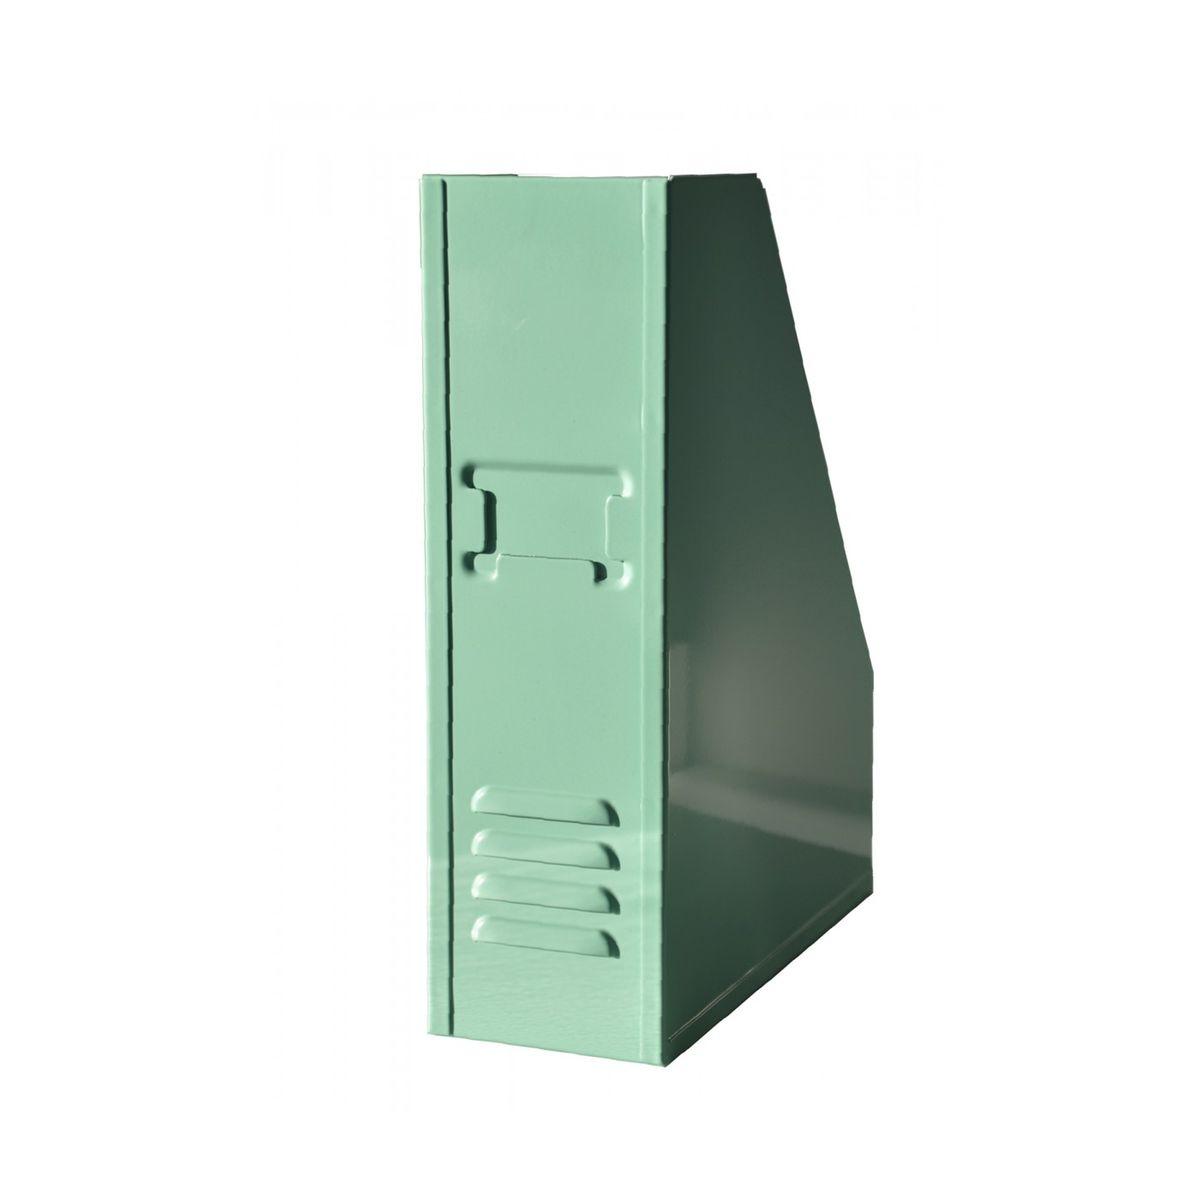 peinture vert menthe douce v33 mes couleurs et moi r tro 0 5 l vendu par leroy merlin 647230. Black Bedroom Furniture Sets. Home Design Ideas